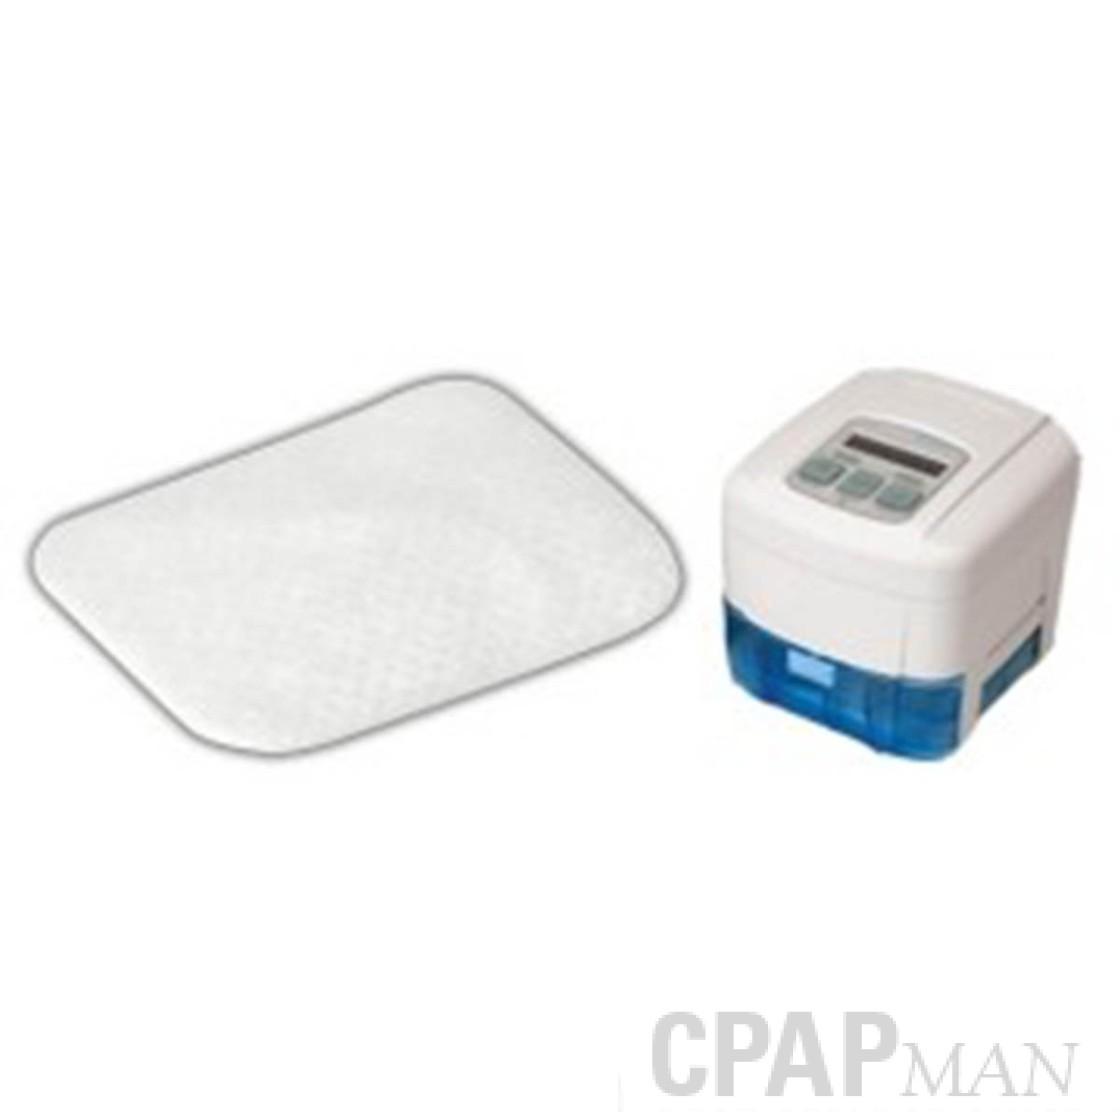 Filter, Ultrafine, for IntelliPAP CPAP, 4/pkg